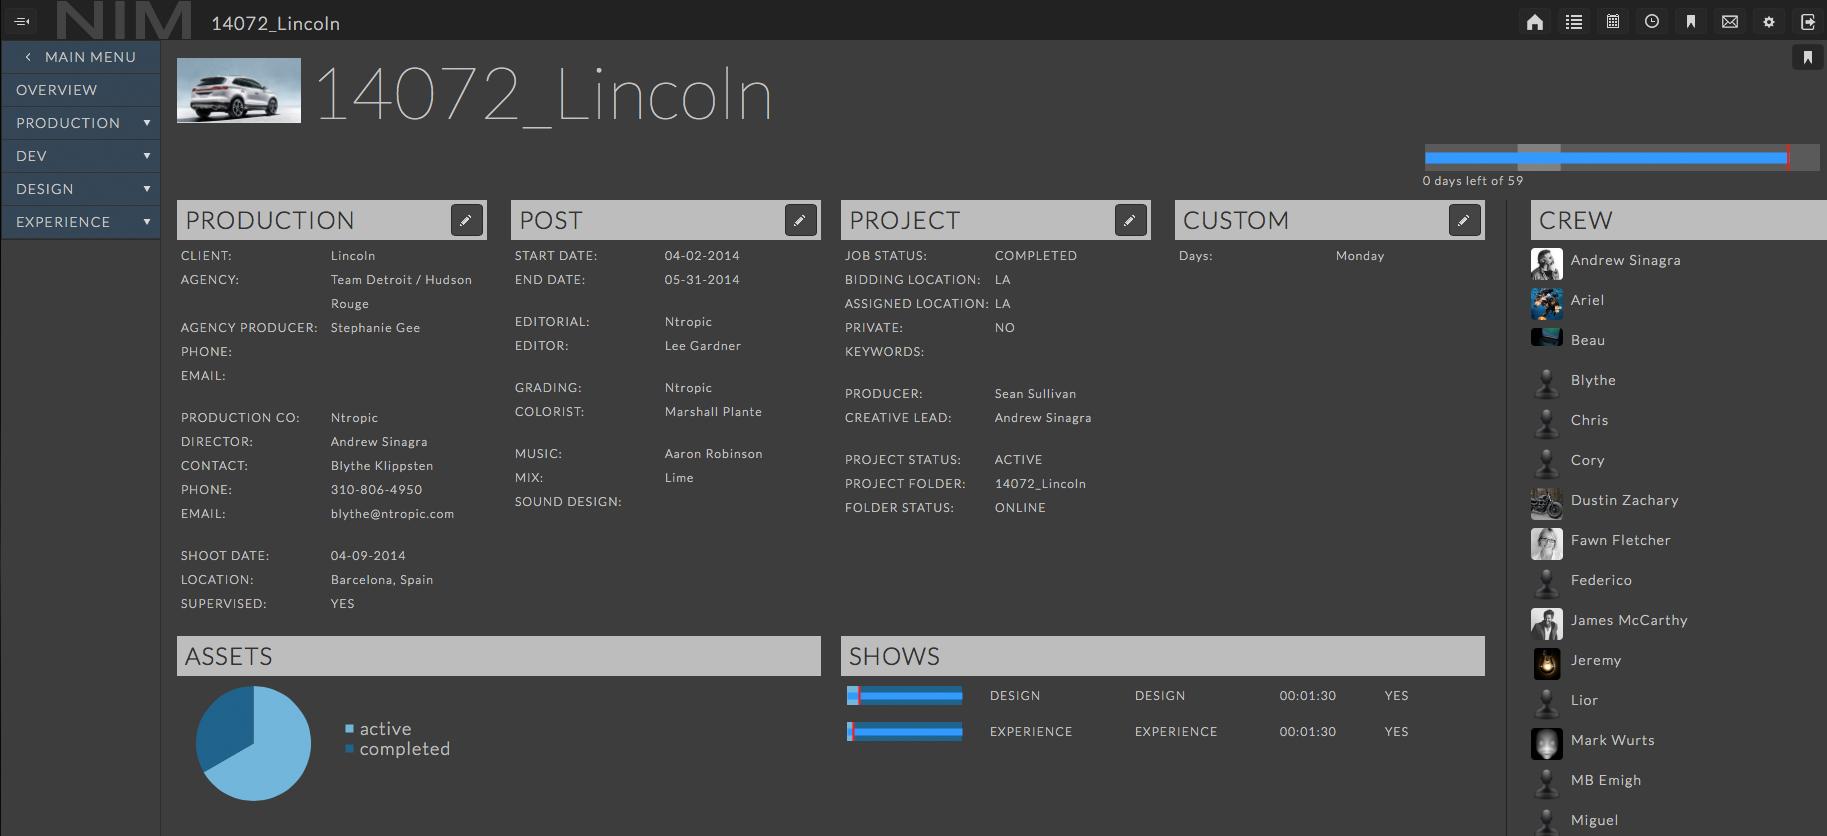 NIM management tool